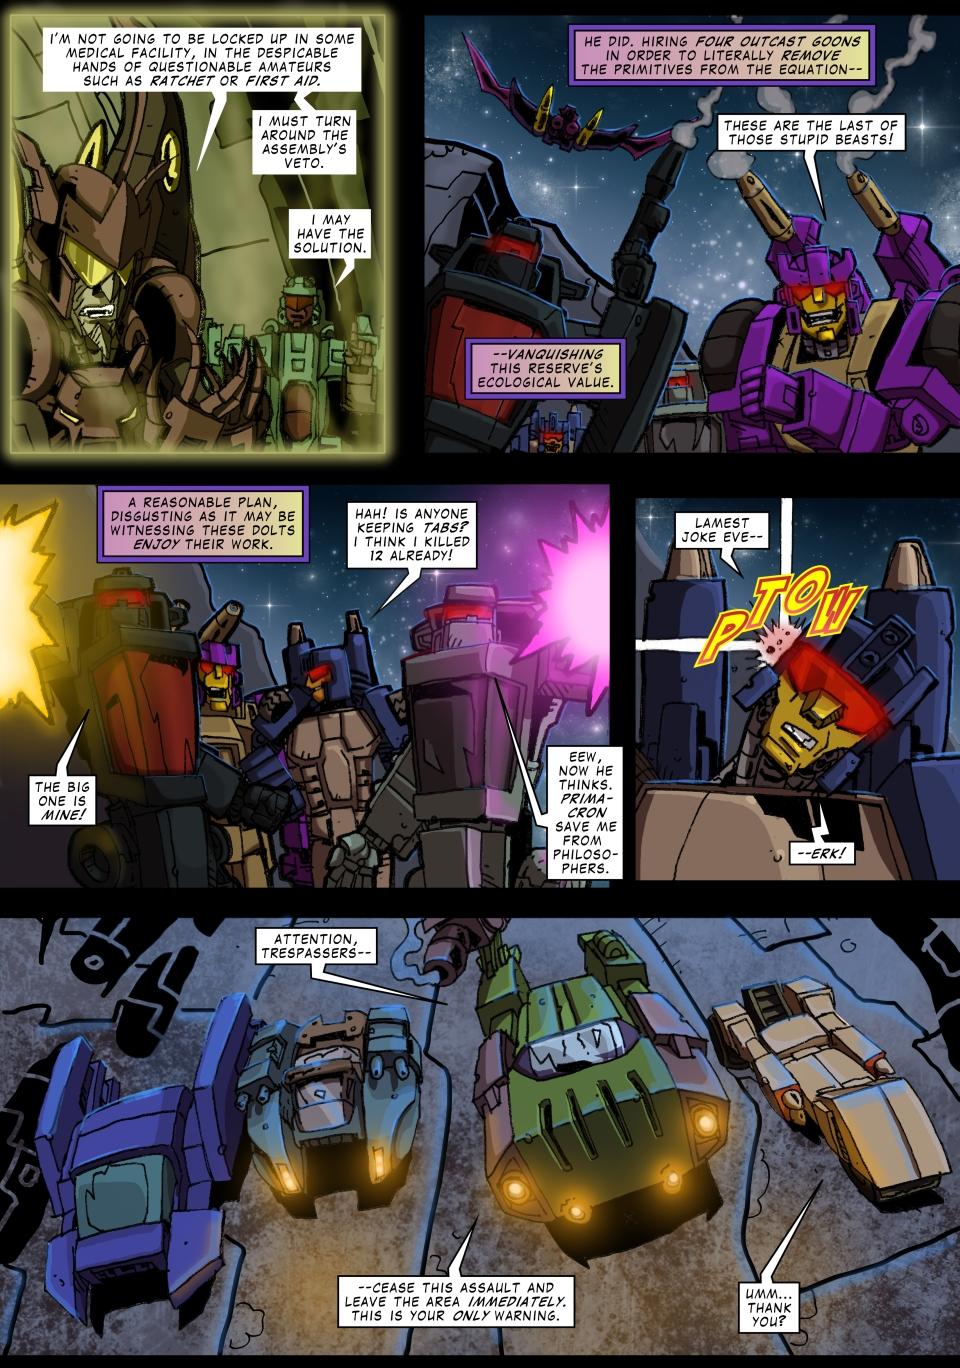 Ratbat - page 05